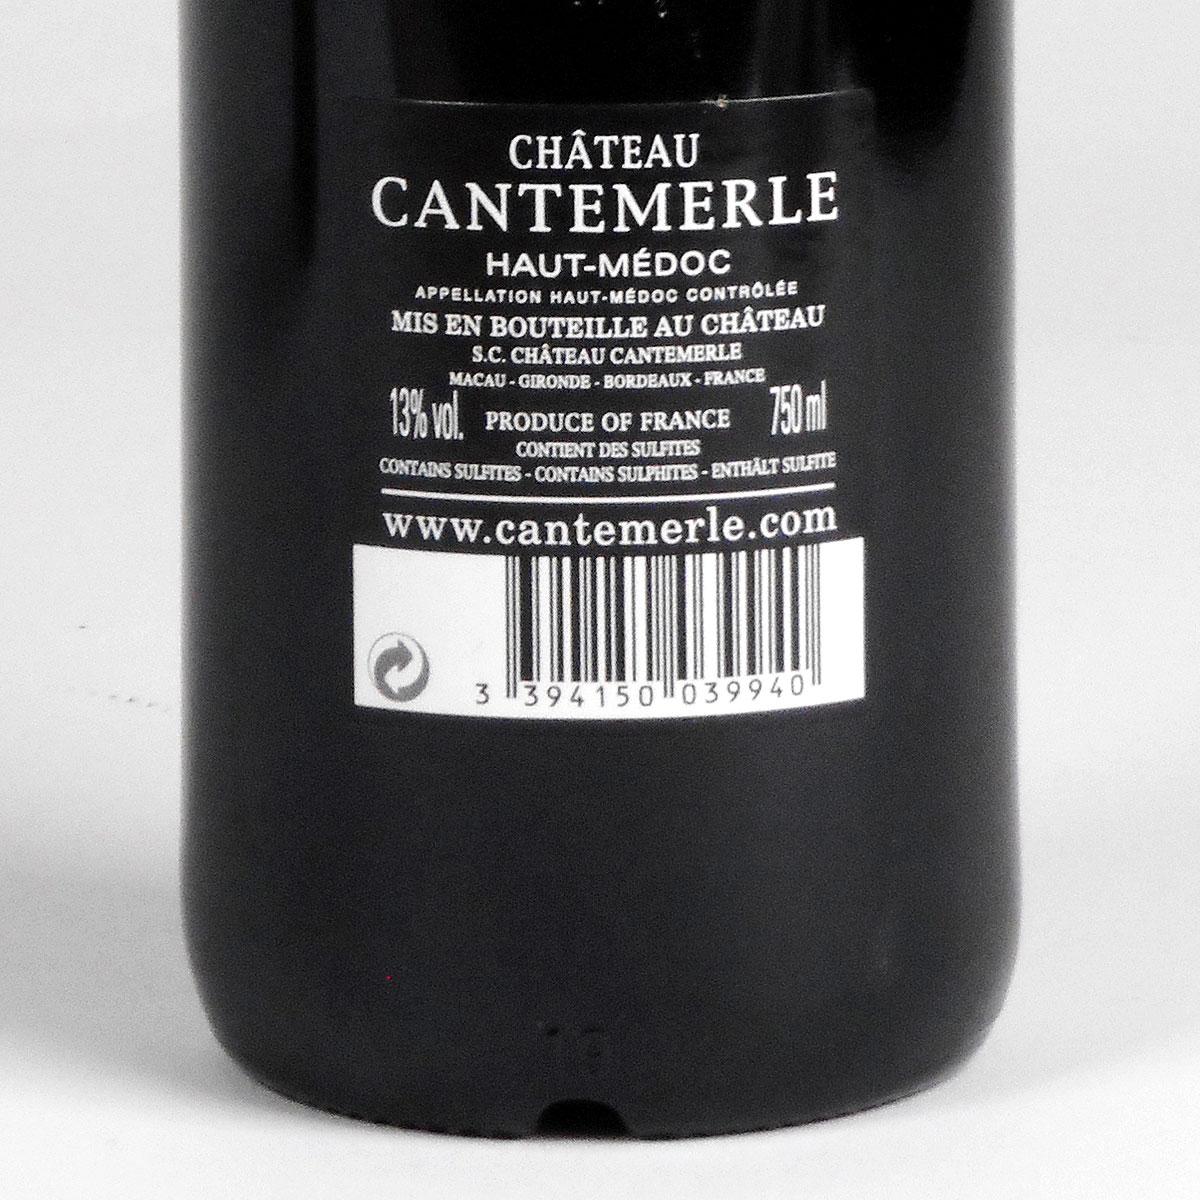 Haut-Médoc: Château Cantemerle 2012 - Bottle Rear Label